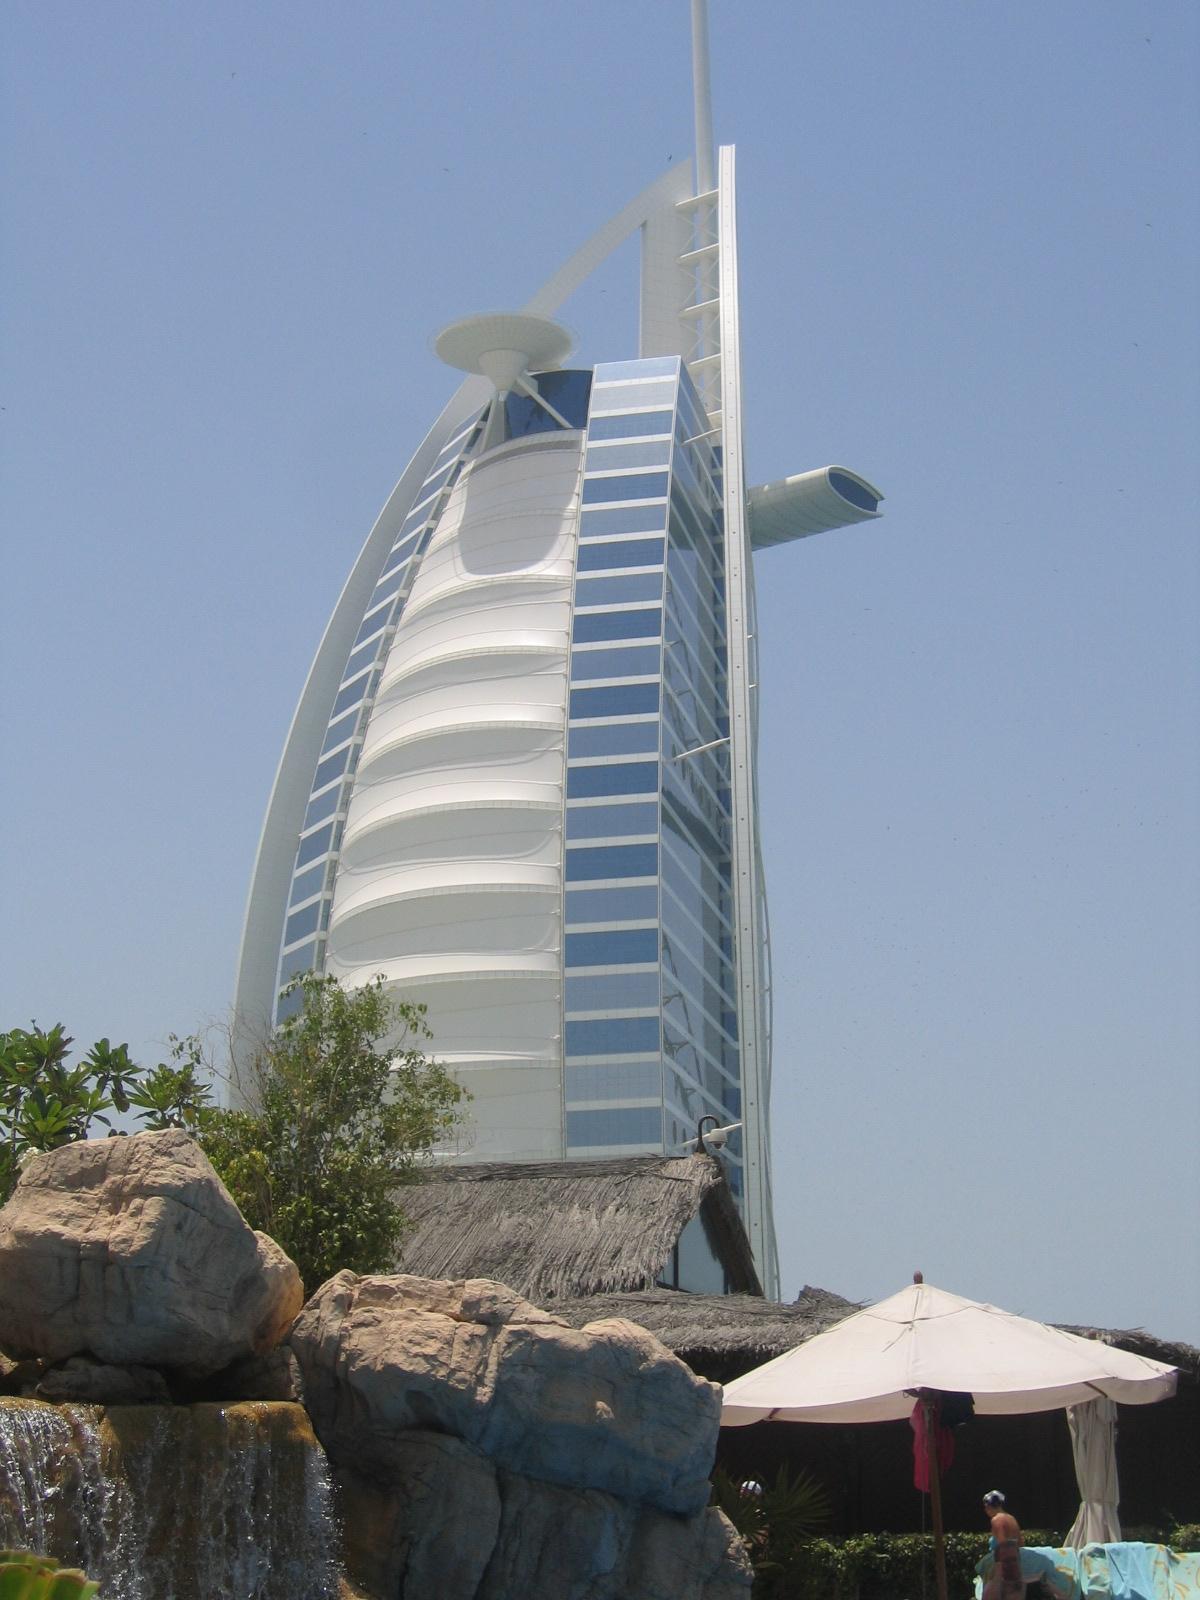 Technik-247.de - Technik Infos & Technik Tipps | Burj A arab Dubai, VAE Iranee